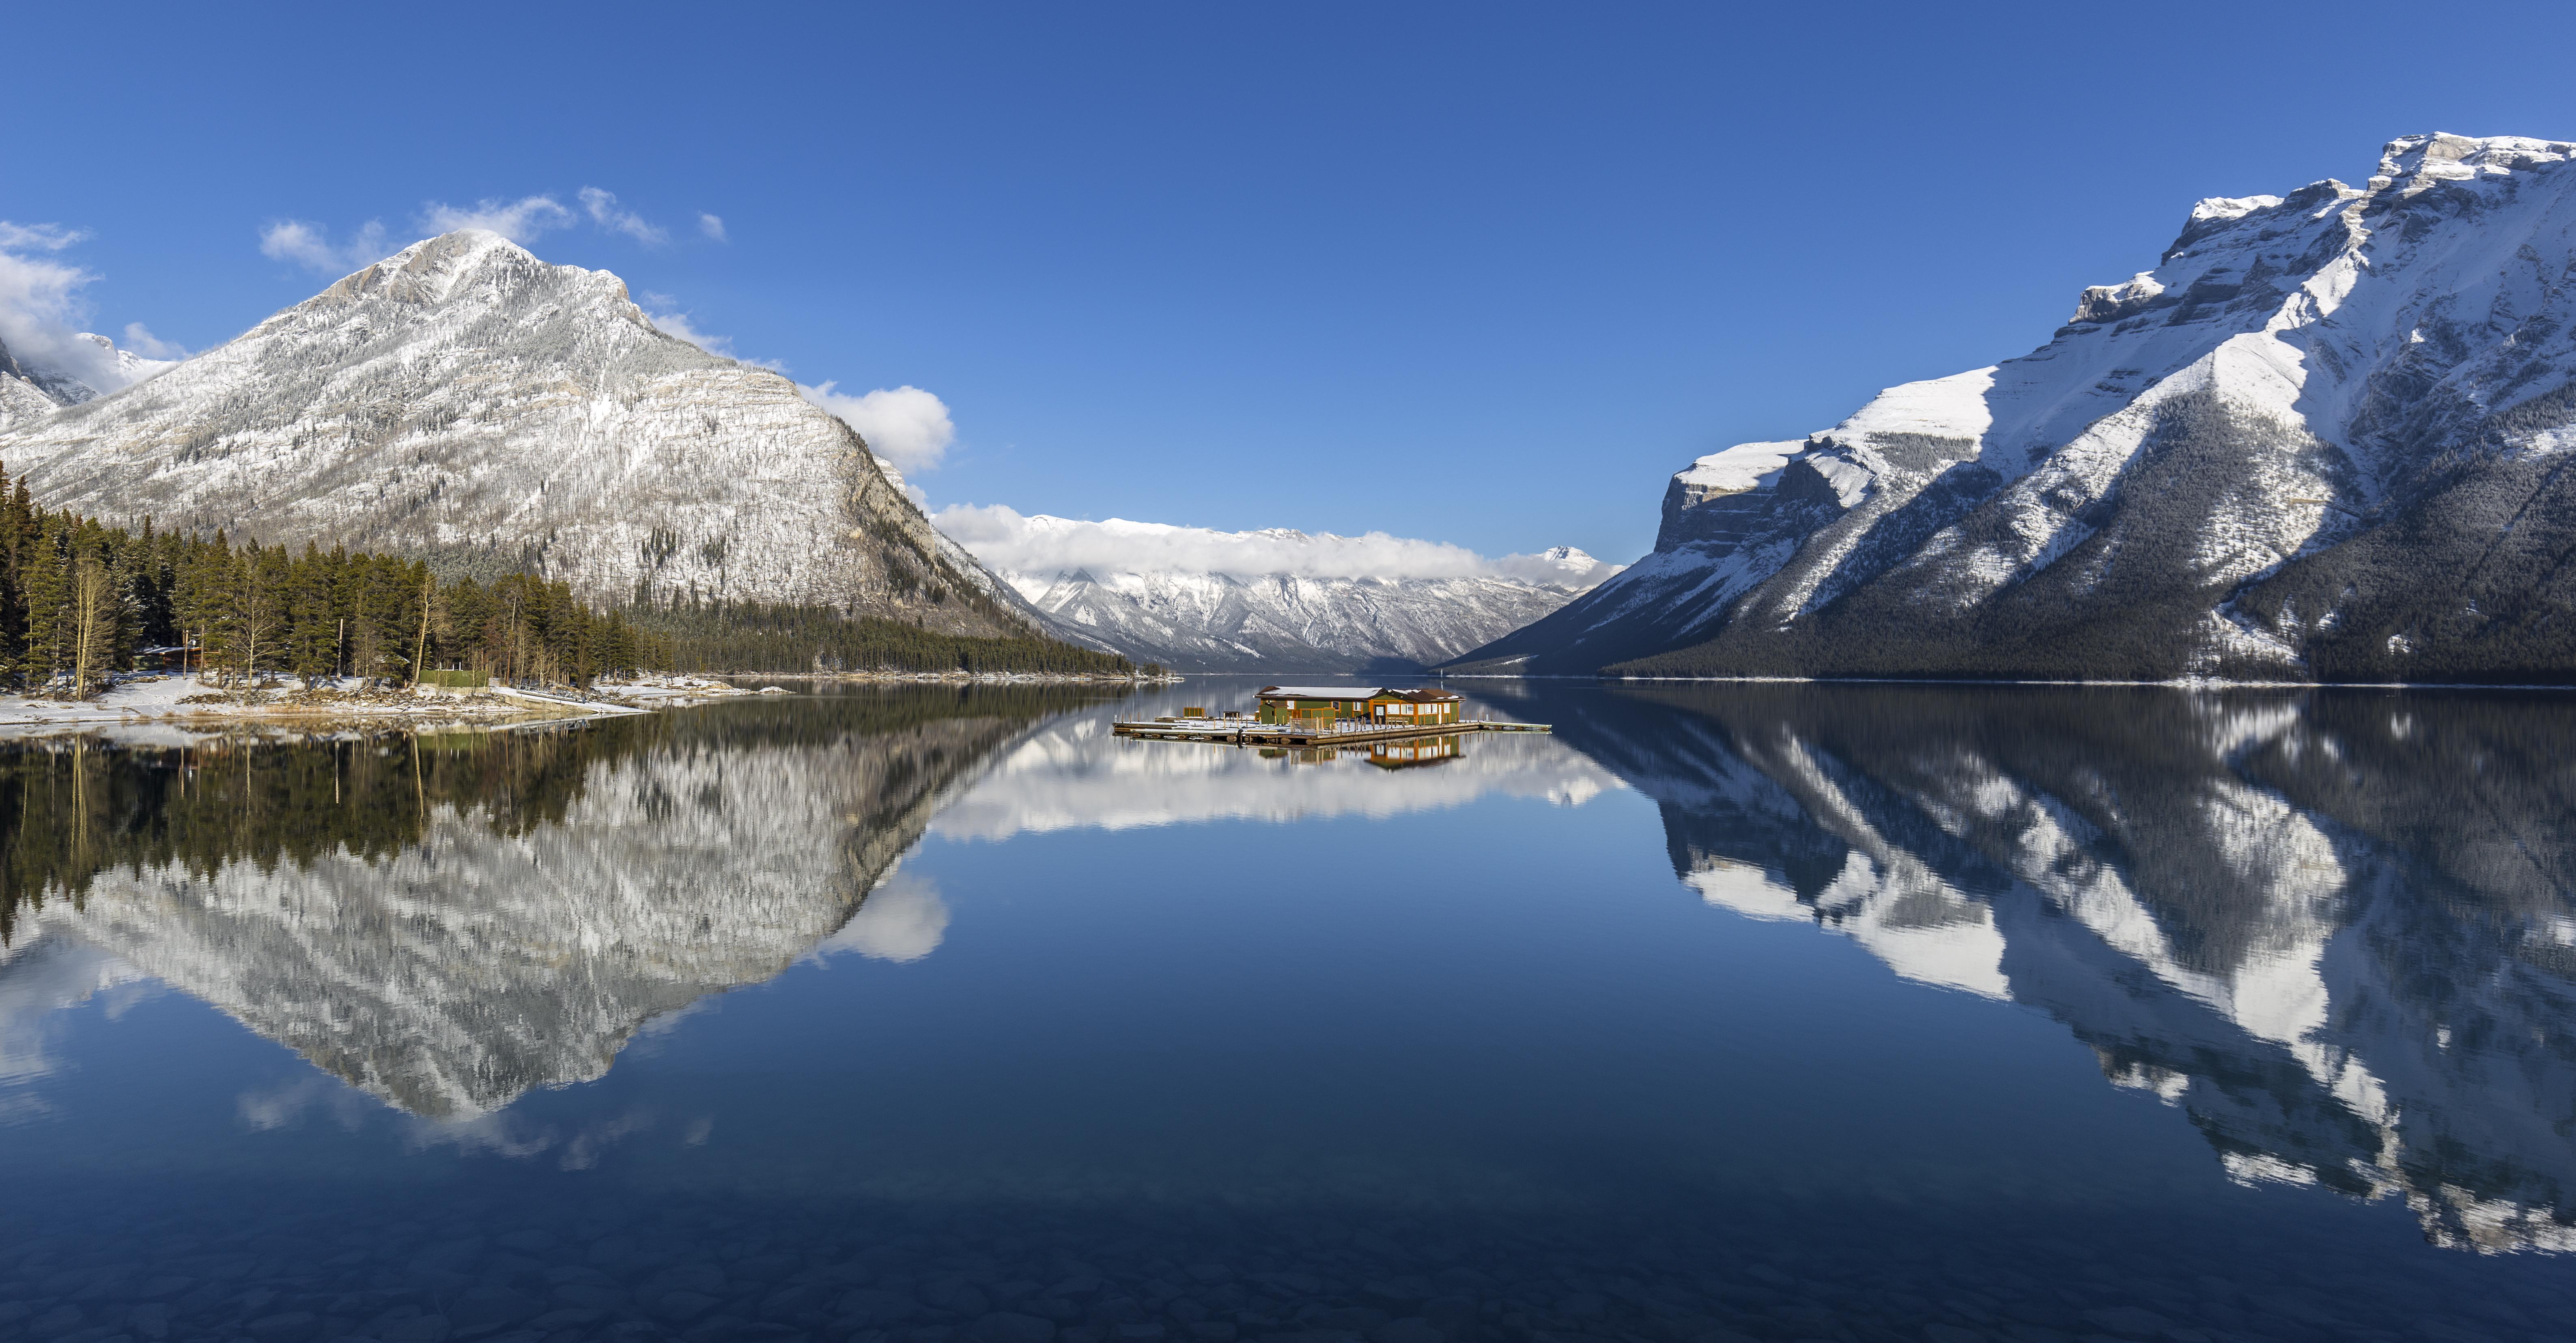 Lake boat launch